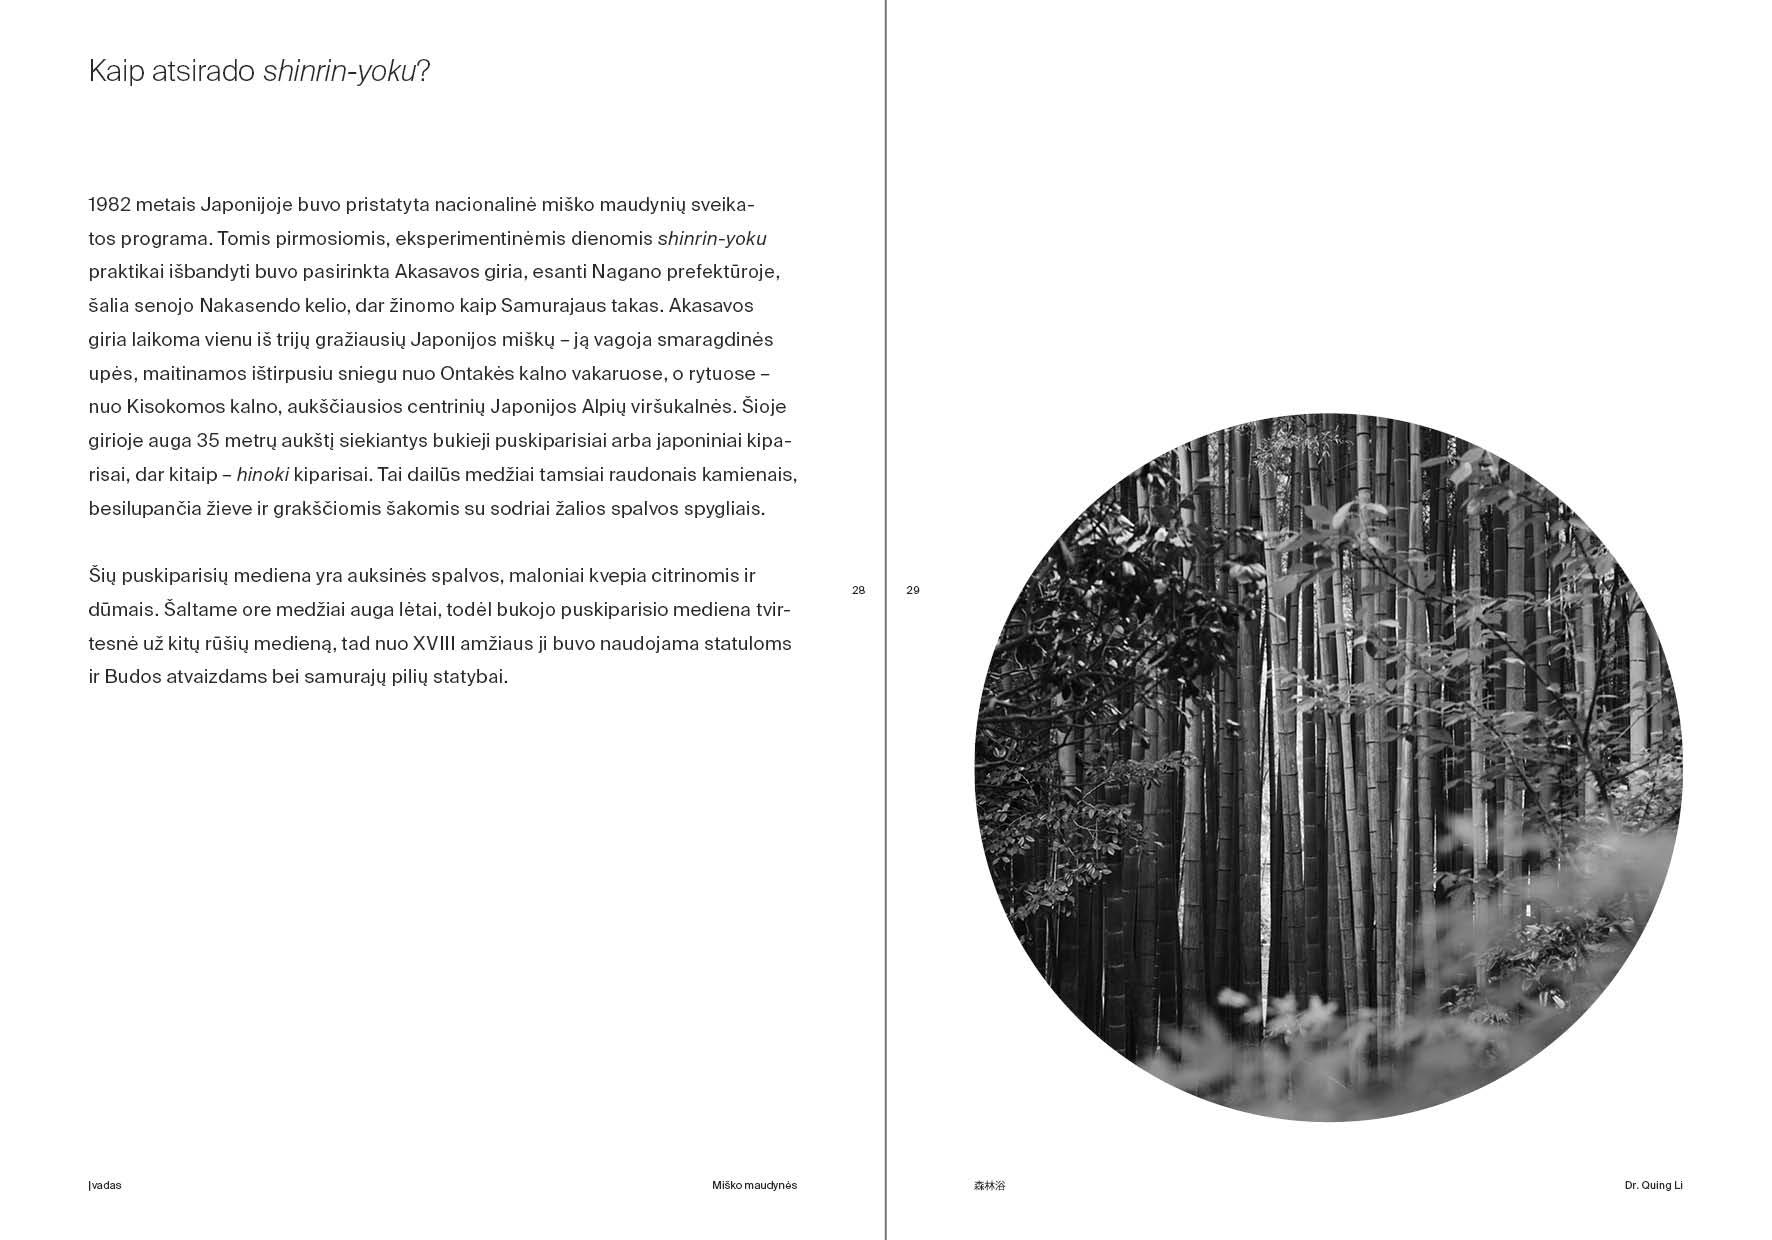 Miško maudynės 4